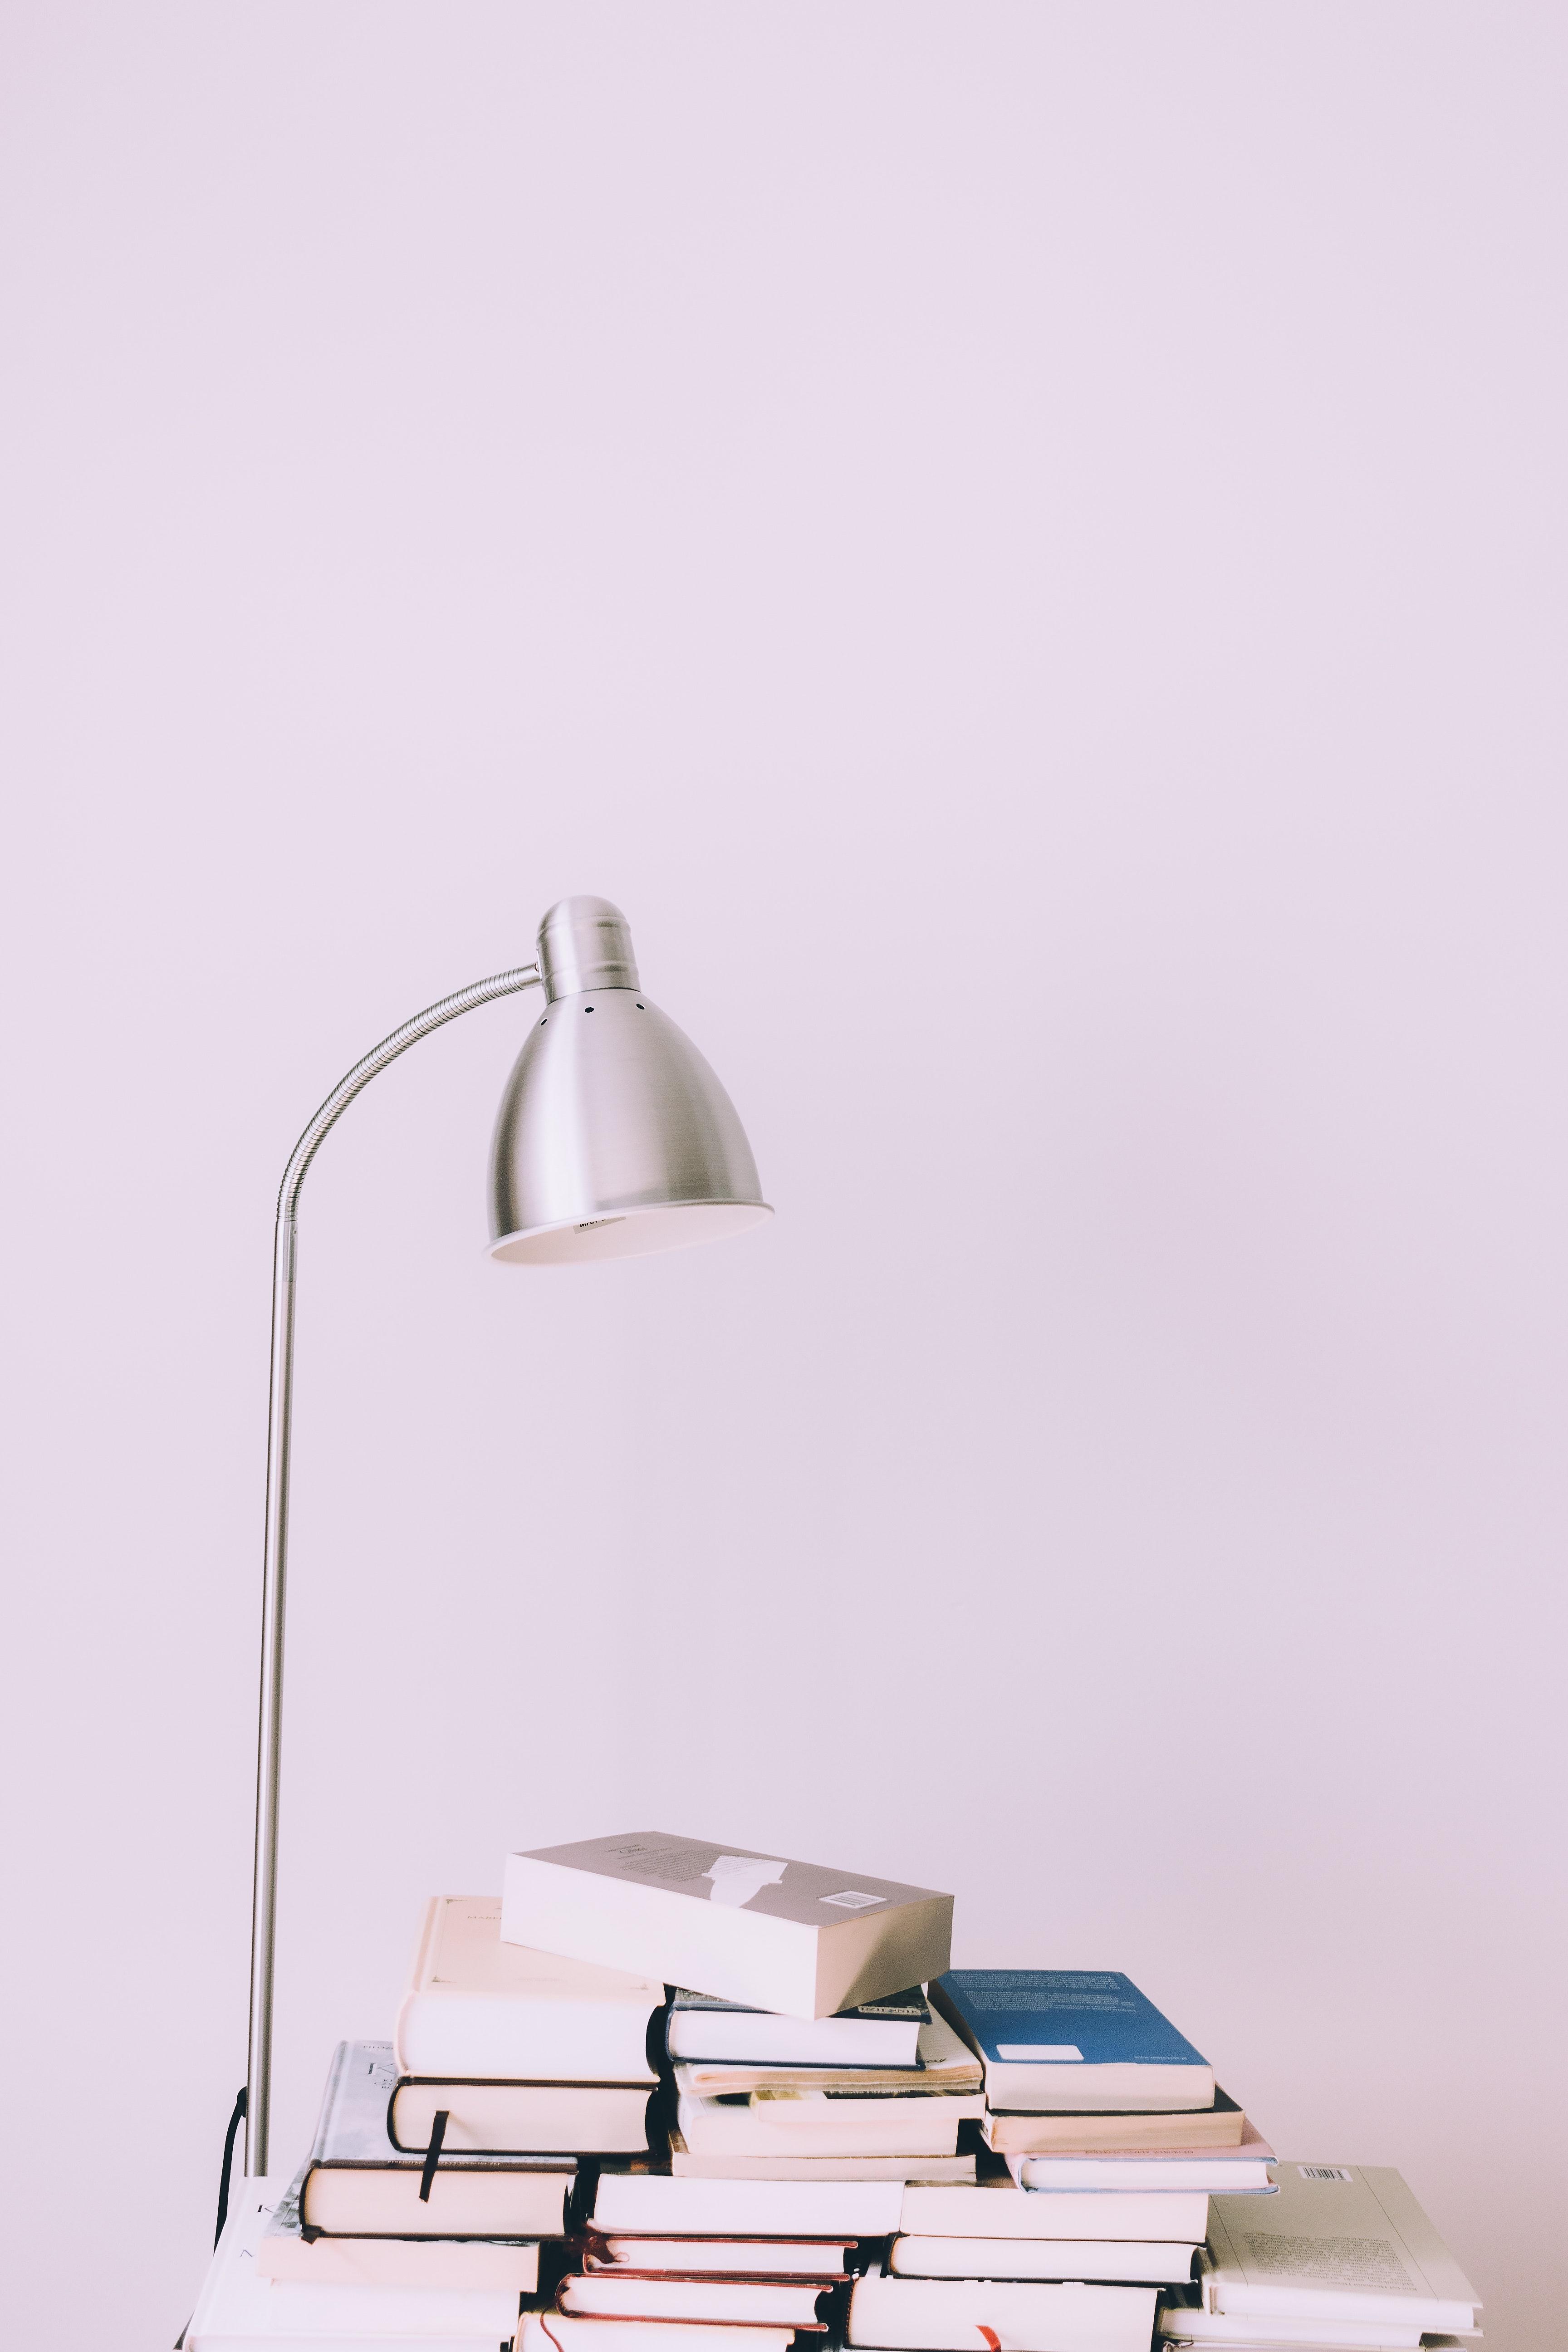 books-bright-contemporary-1122530